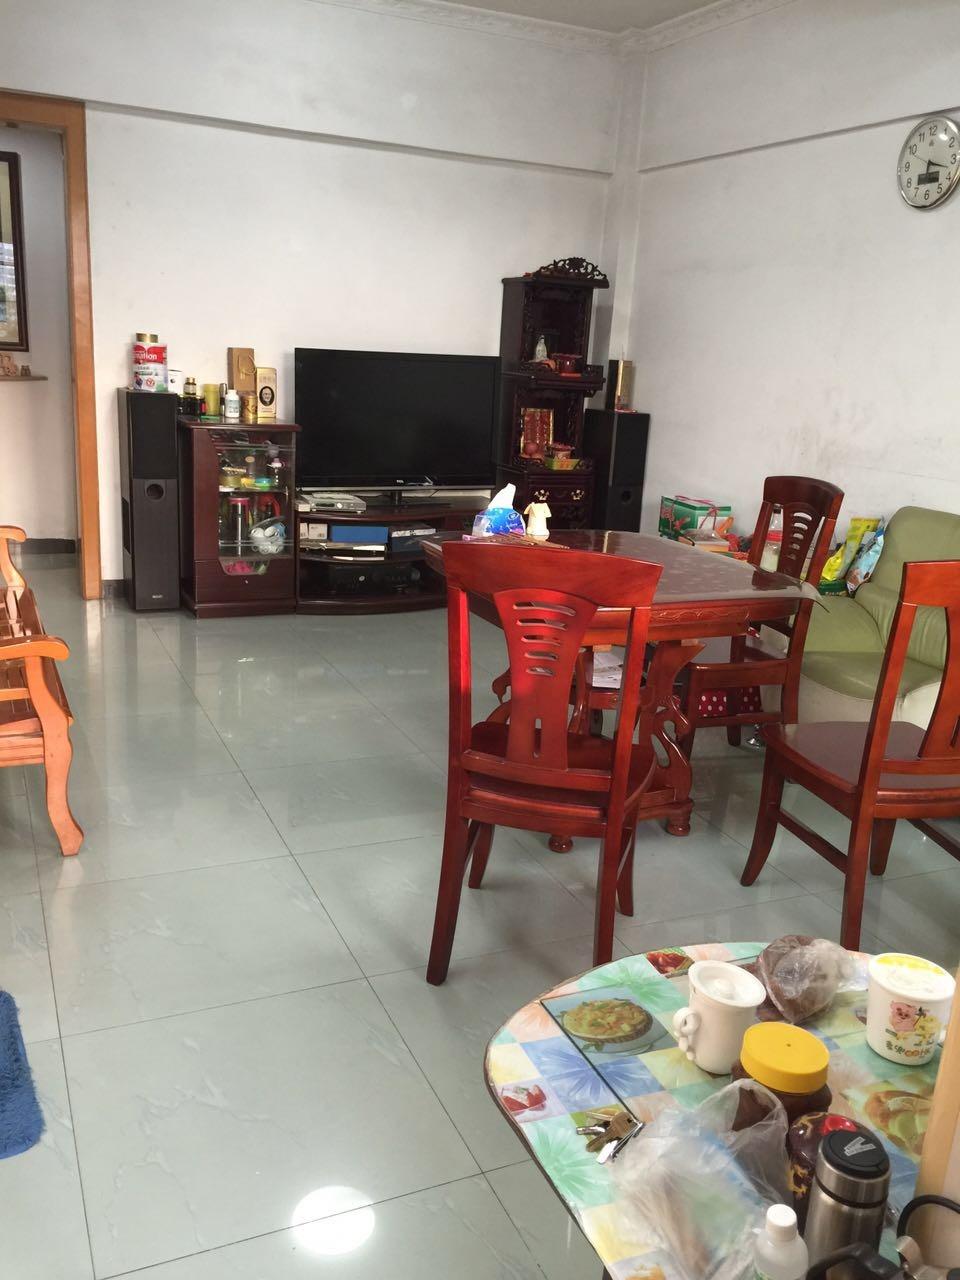 郭村小区:方正2室朝东 ,给力的房源期待您的入住